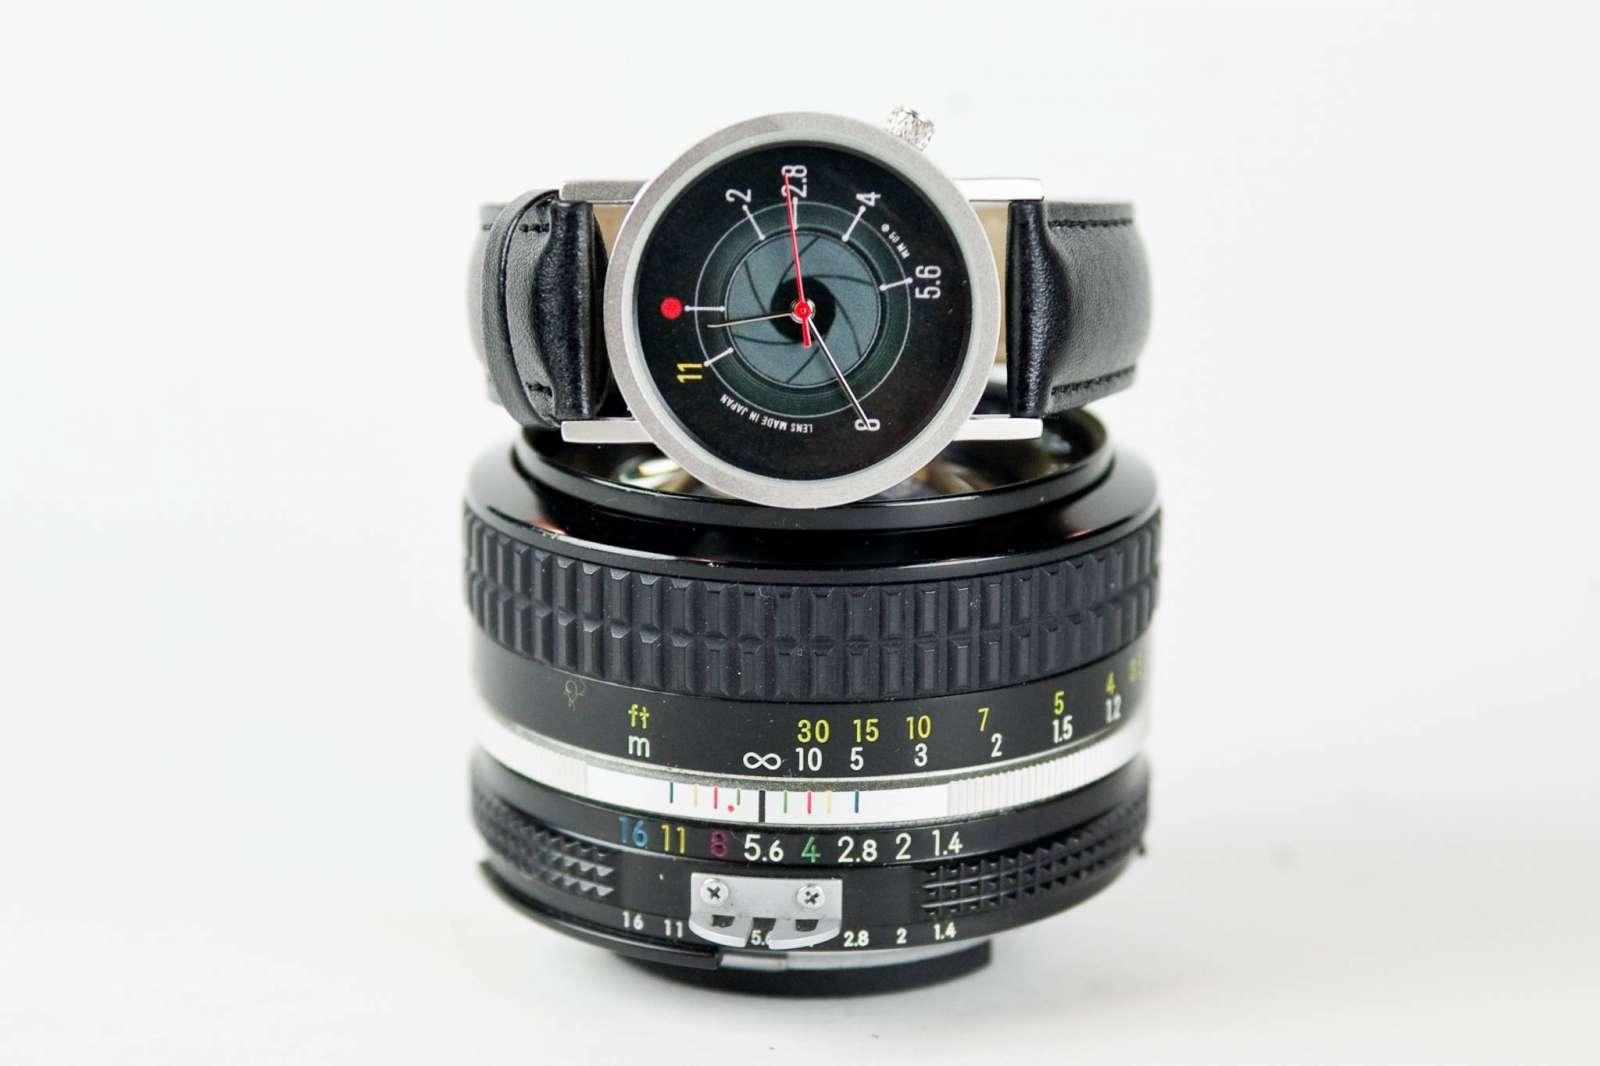 Regalos para fotógrafos esta Navidad 2012 5